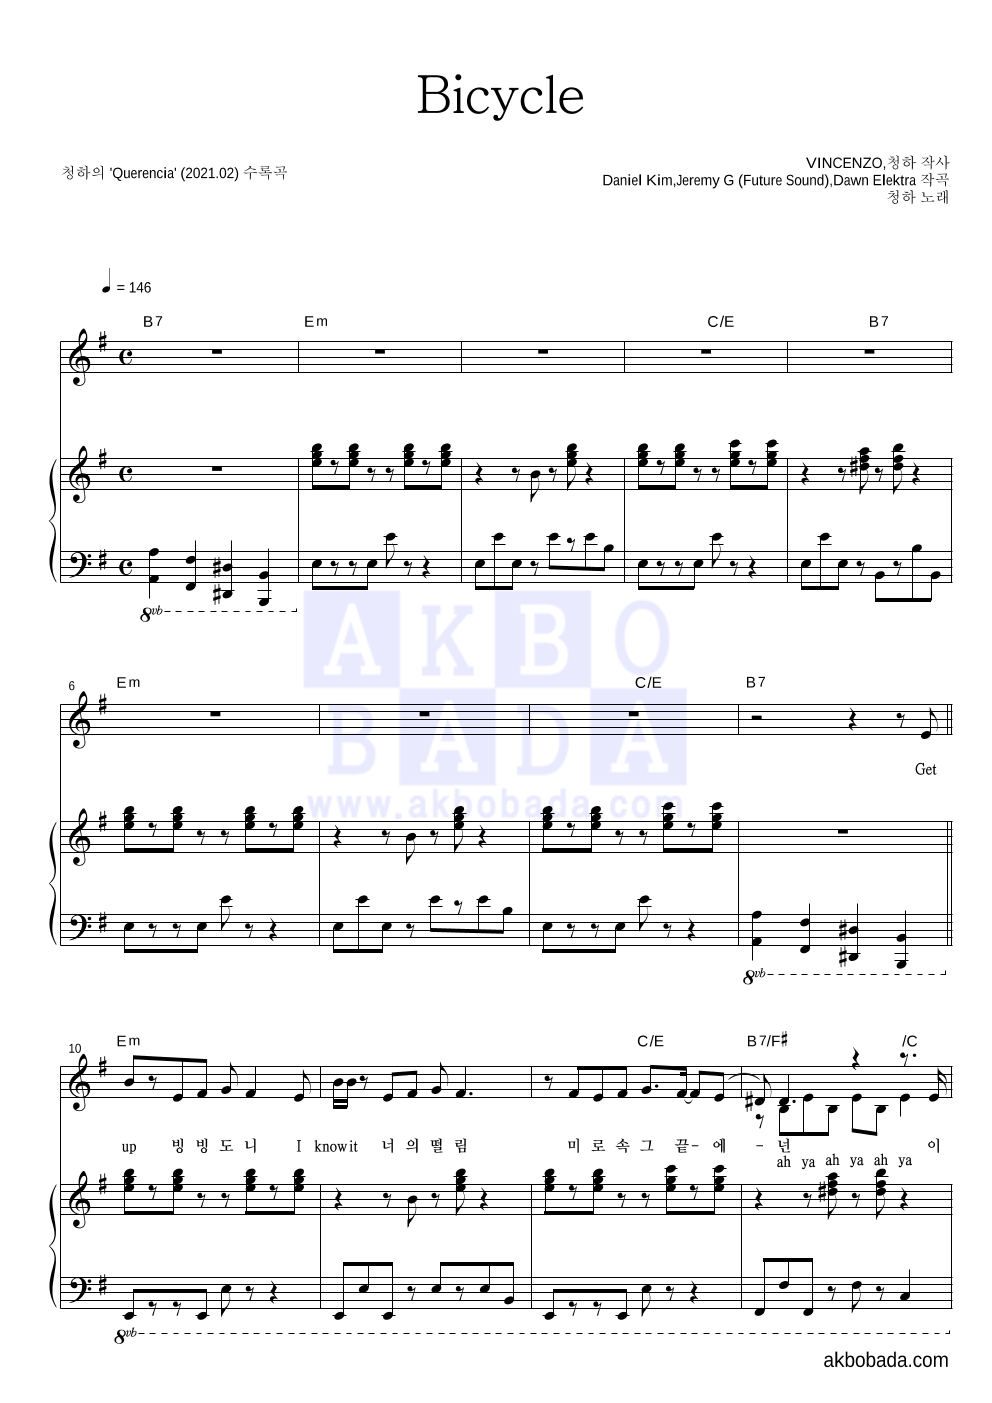 청하 - Bicycle 피아노 3단 악보